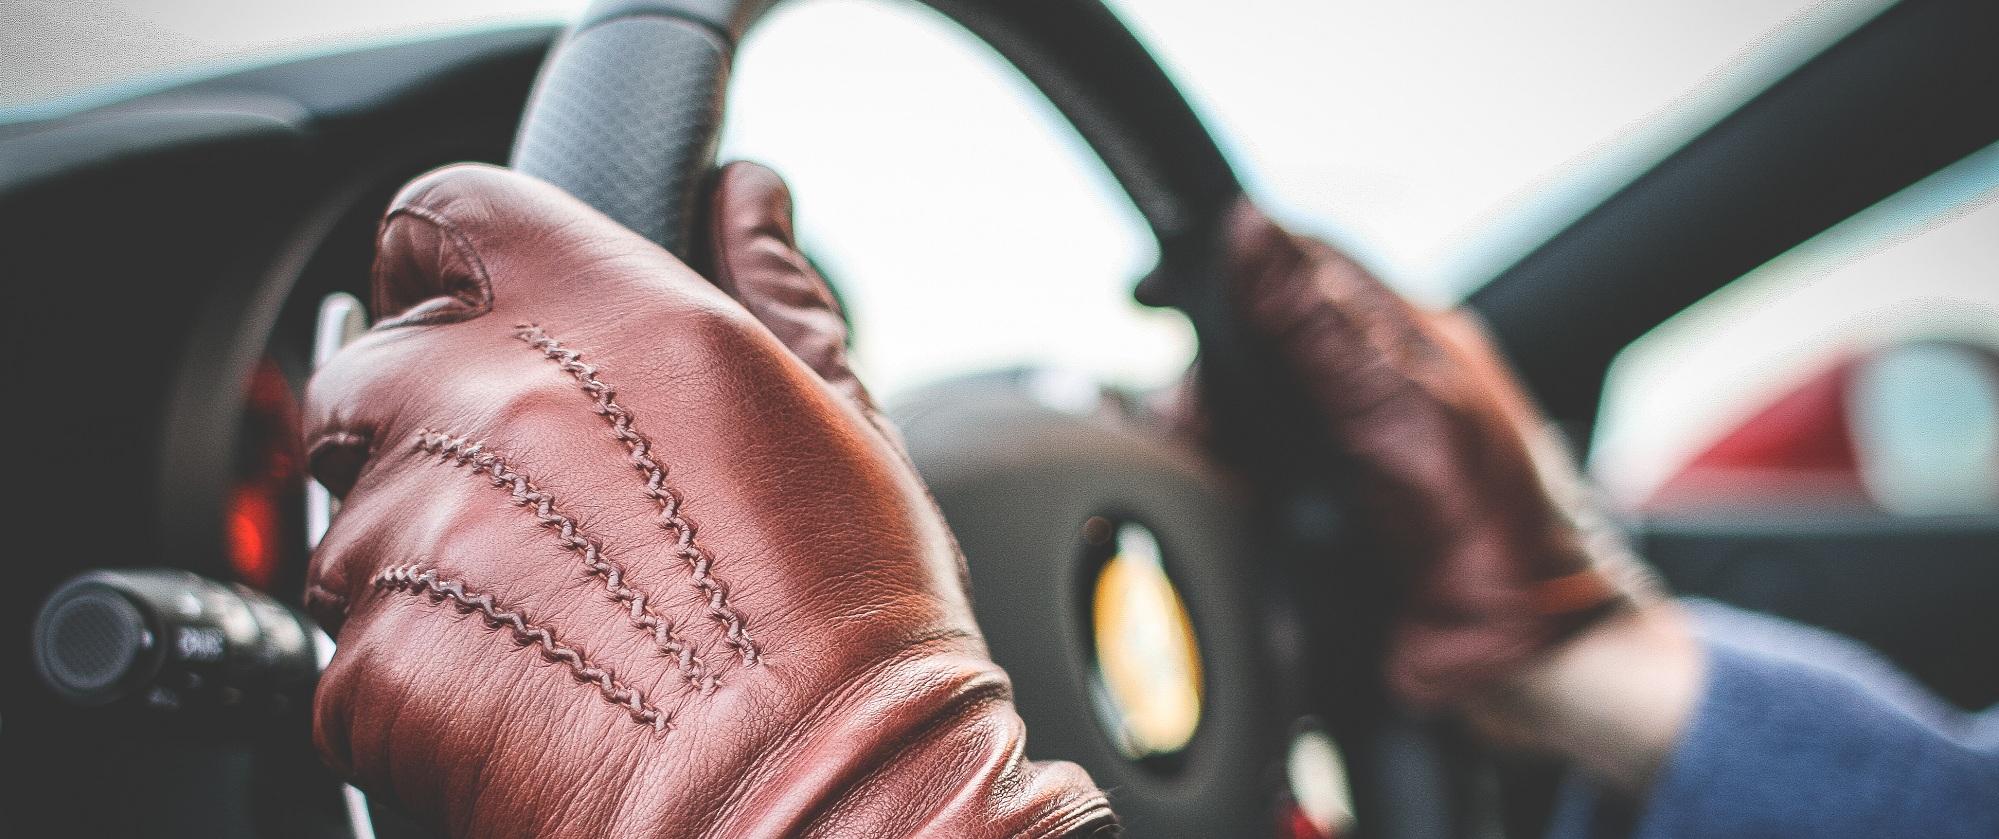 בדיקת ראייה לנהגים